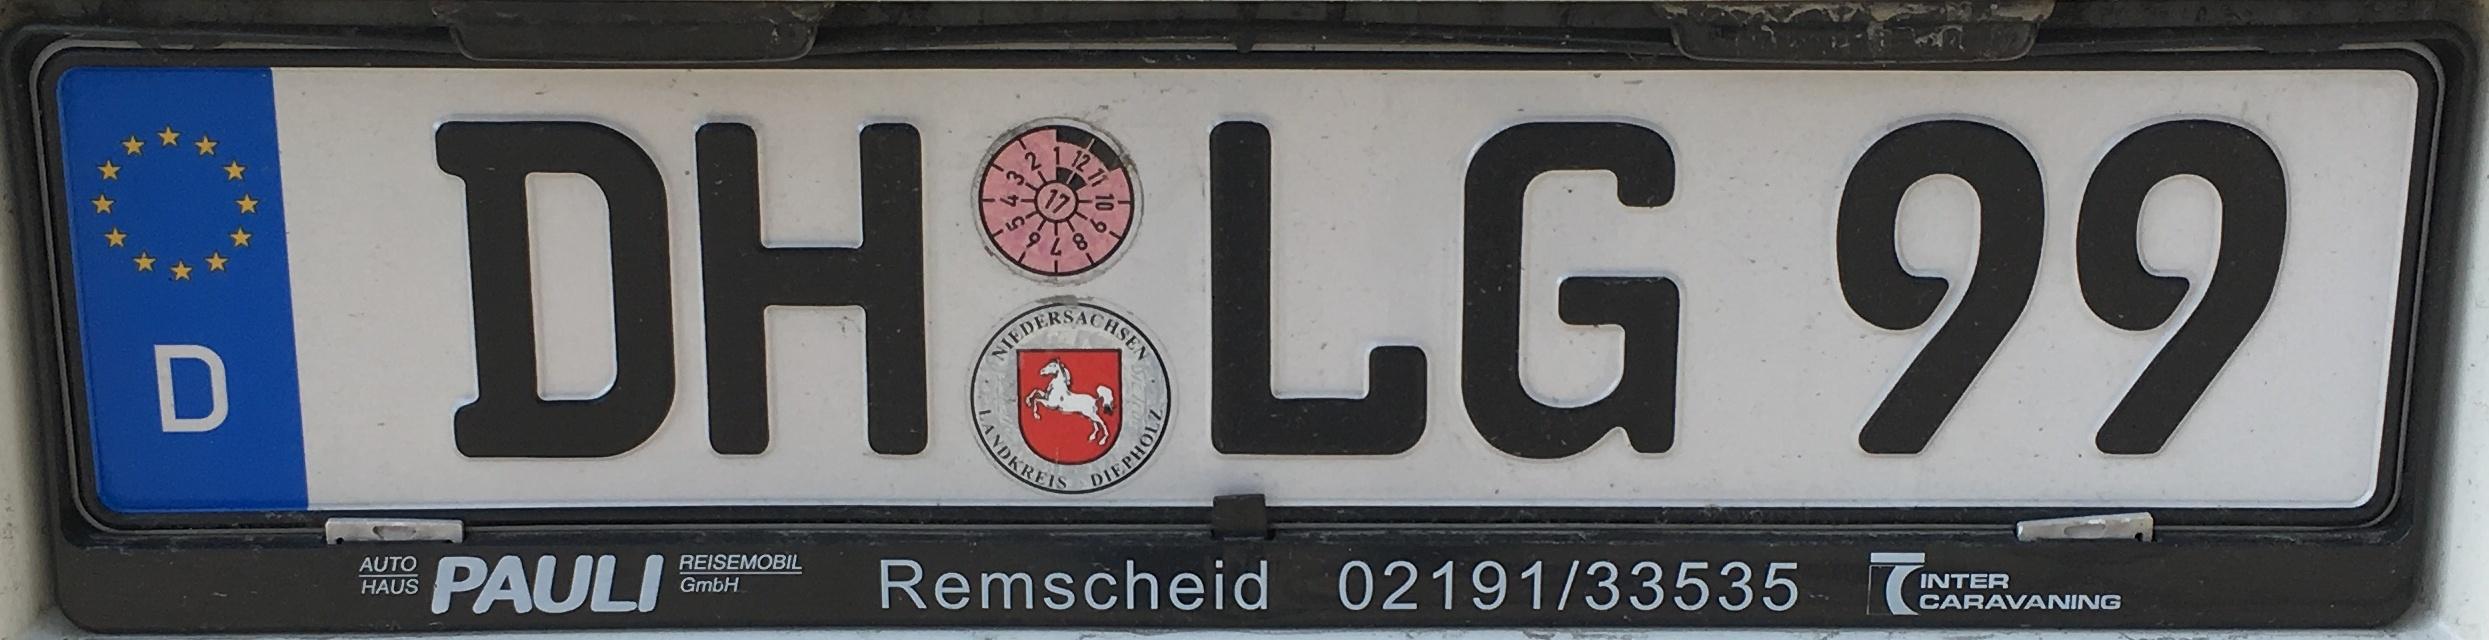 Registrační značky Německo - DH - Diepholz, foto: vlastní